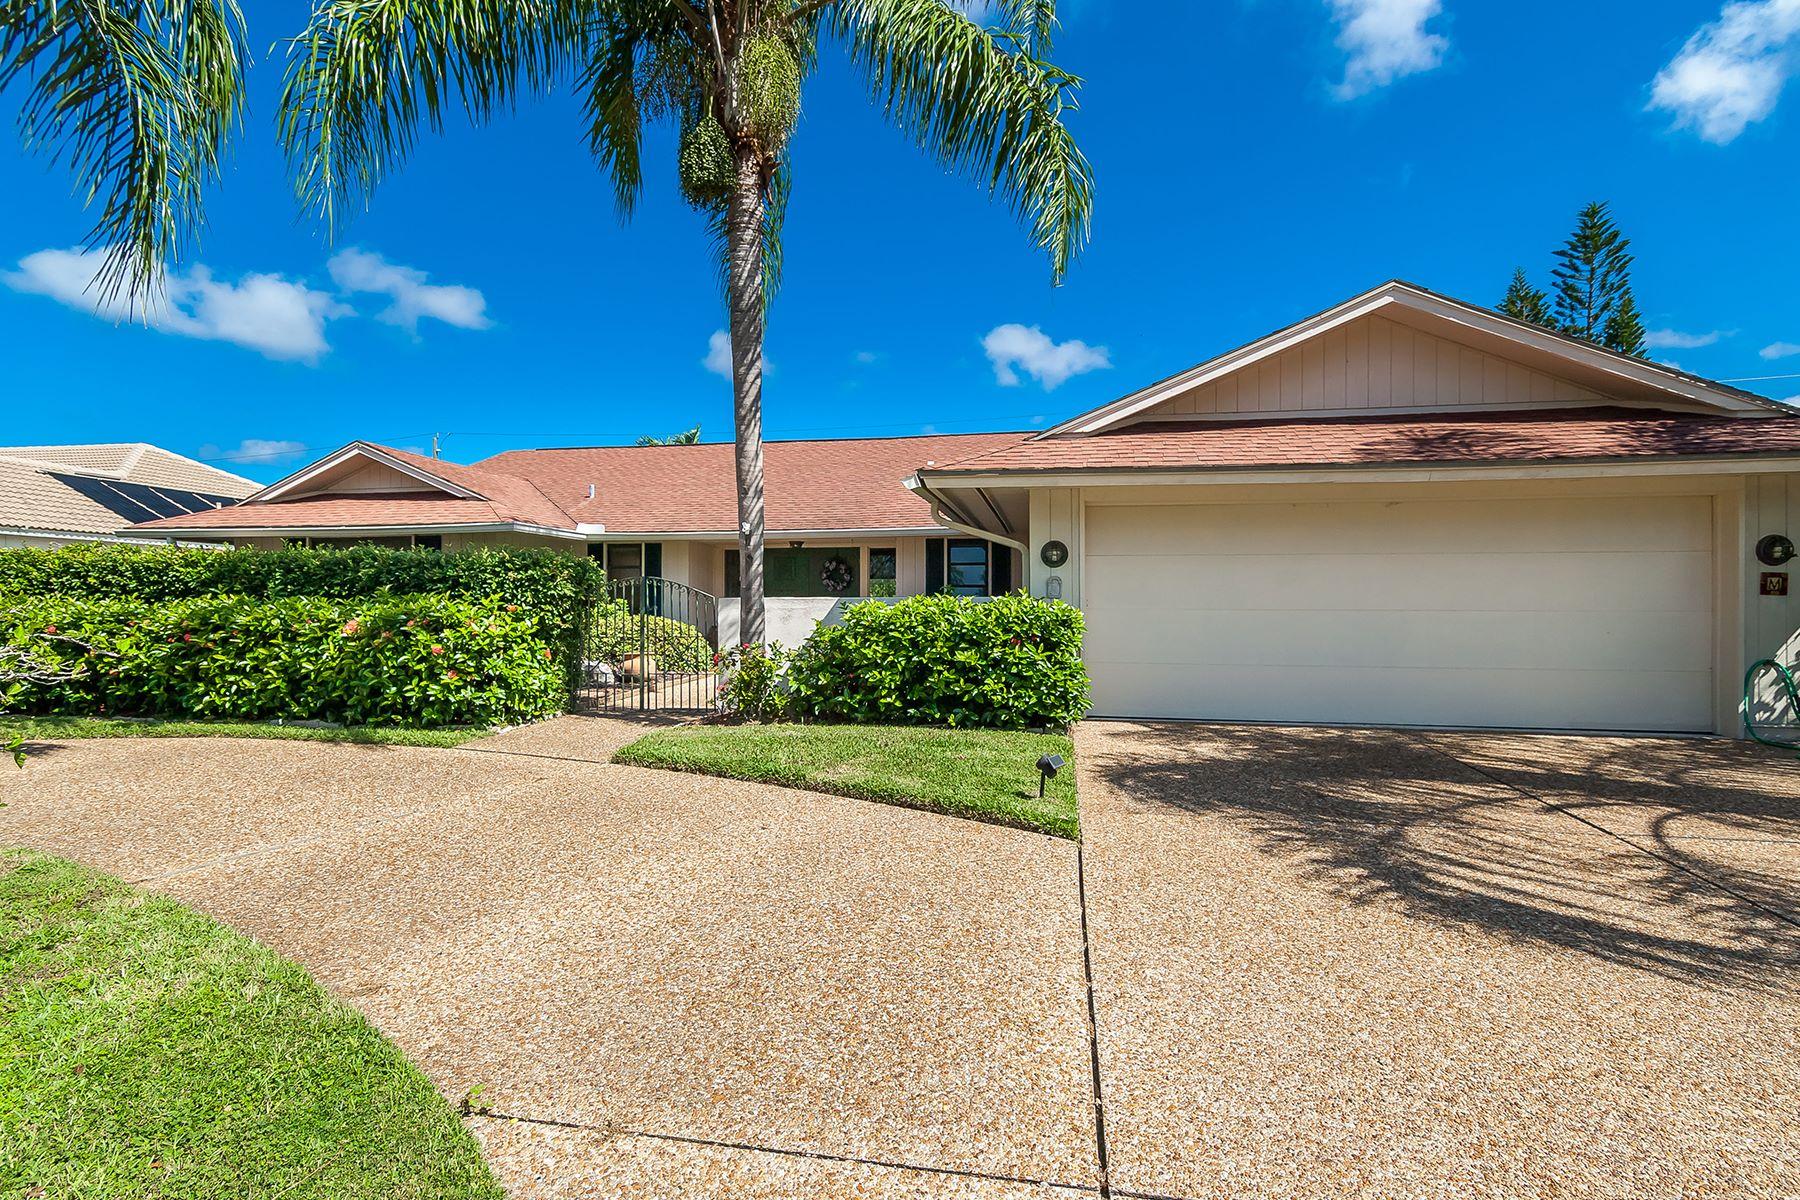 一戸建て のために 売買 アット SOUTHBAY YACHT & RACQUET CLUB 228 Windward Dr Osprey, フロリダ, 34229 アメリカ合衆国